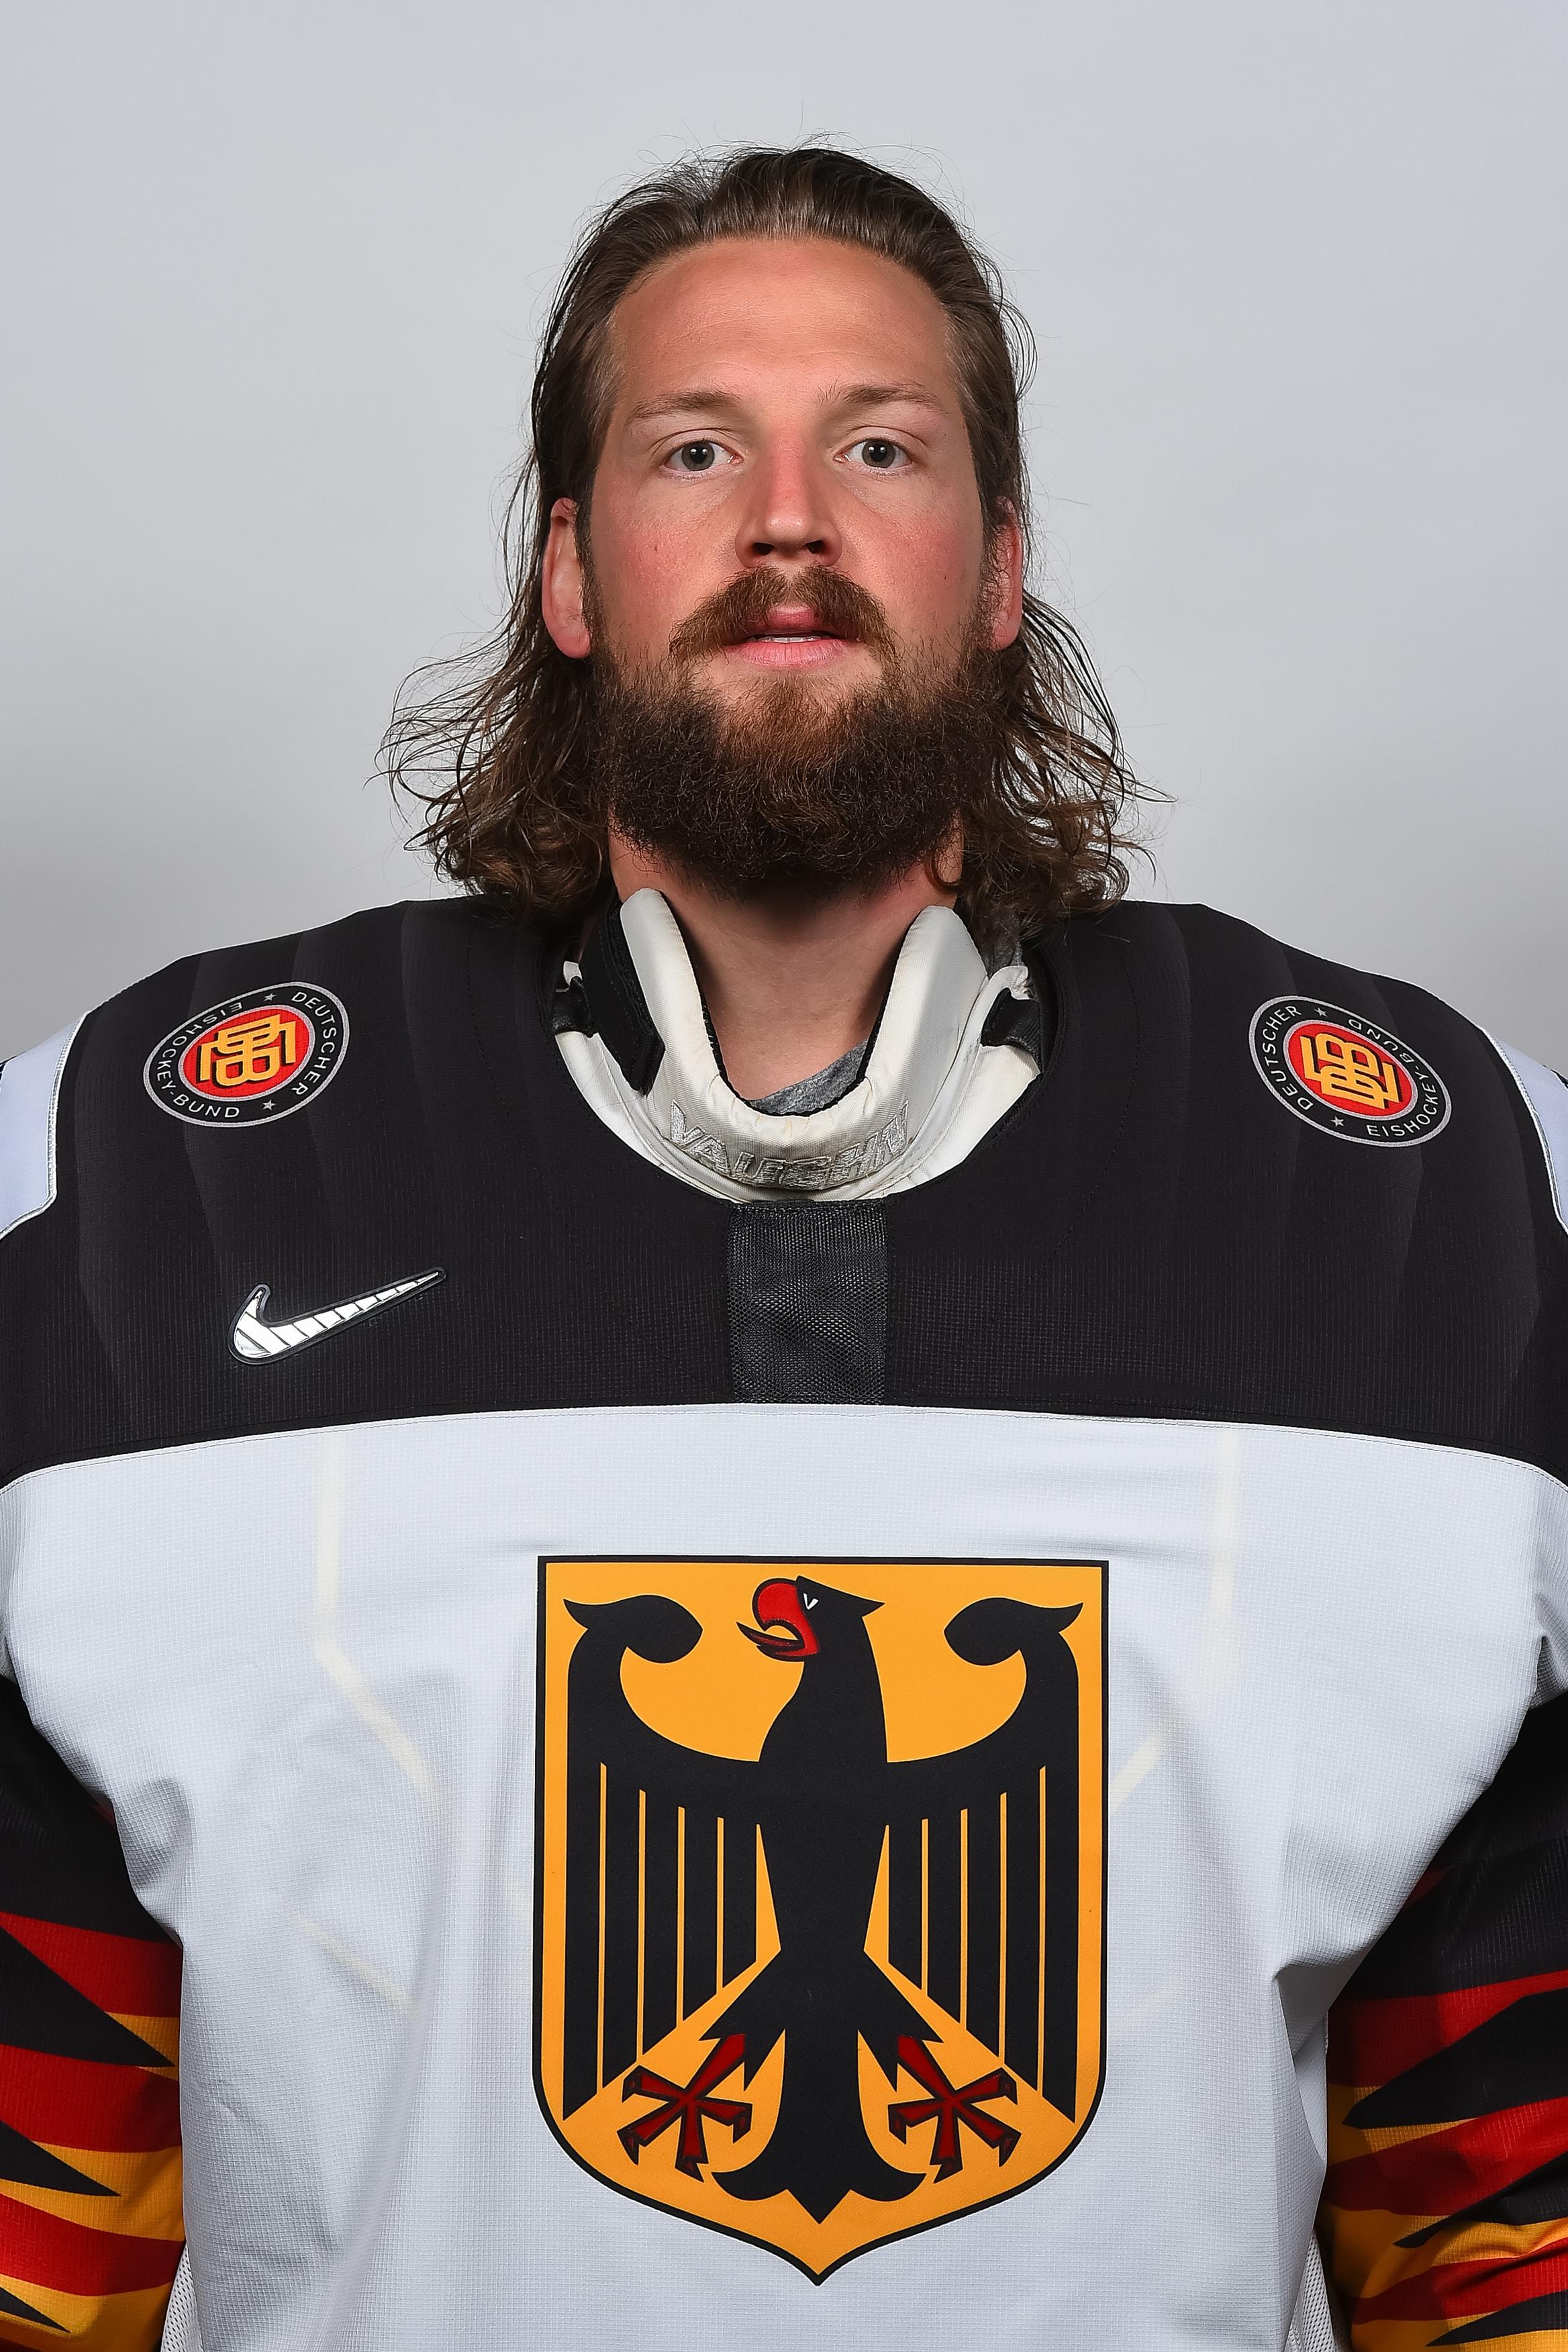 Herren Nationalmannschaft | Deutscher Eishockey-Bund e.V.